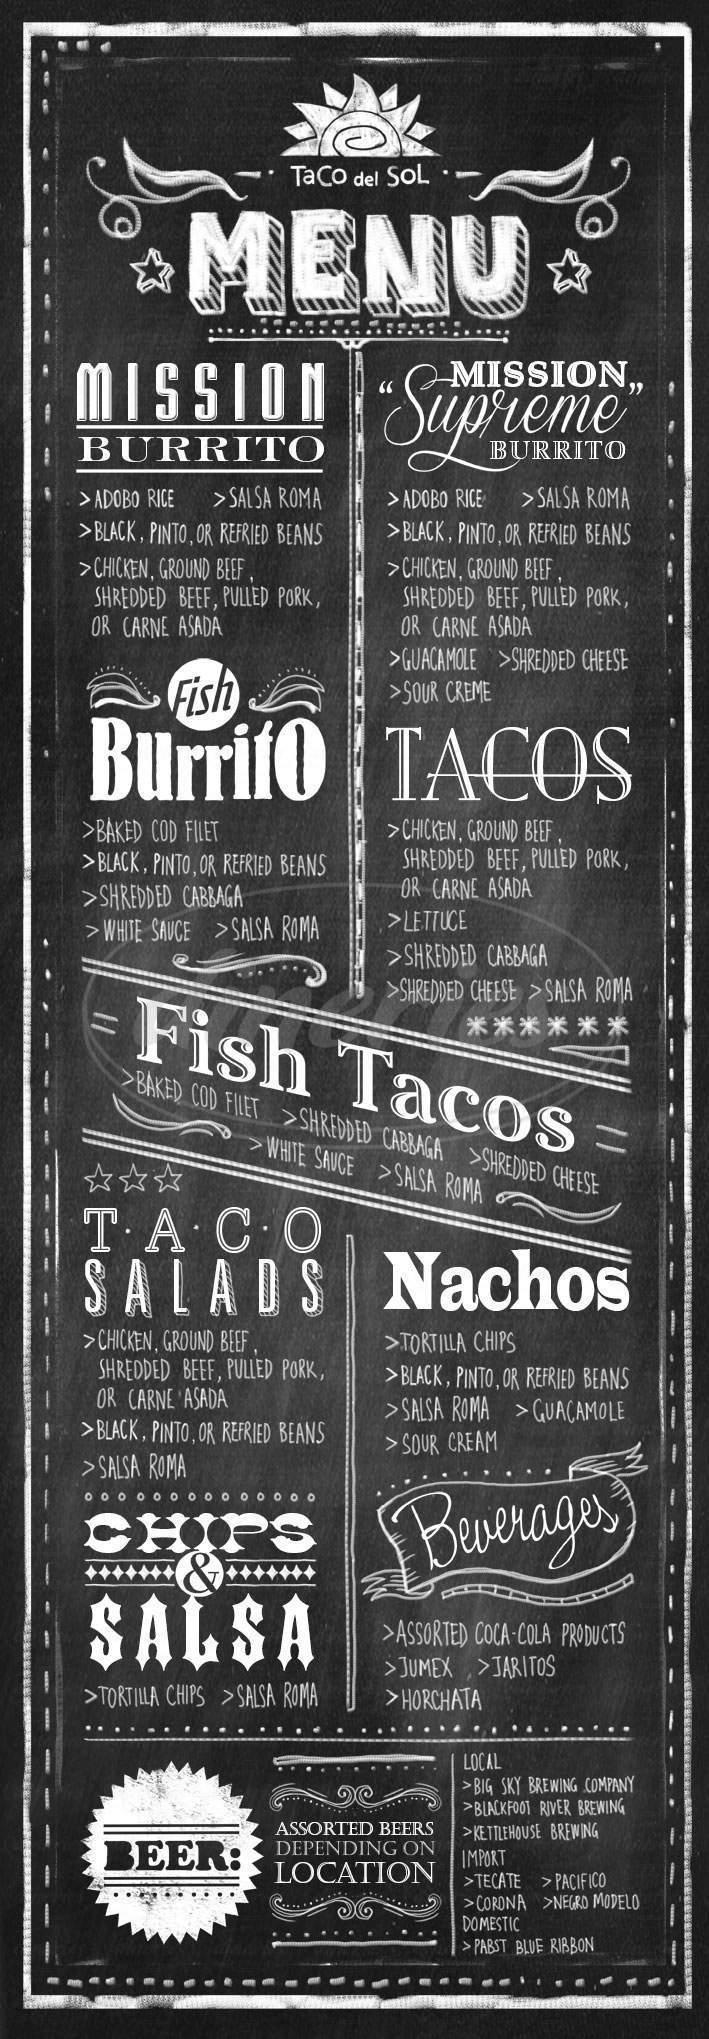 menu for Taco de Sol